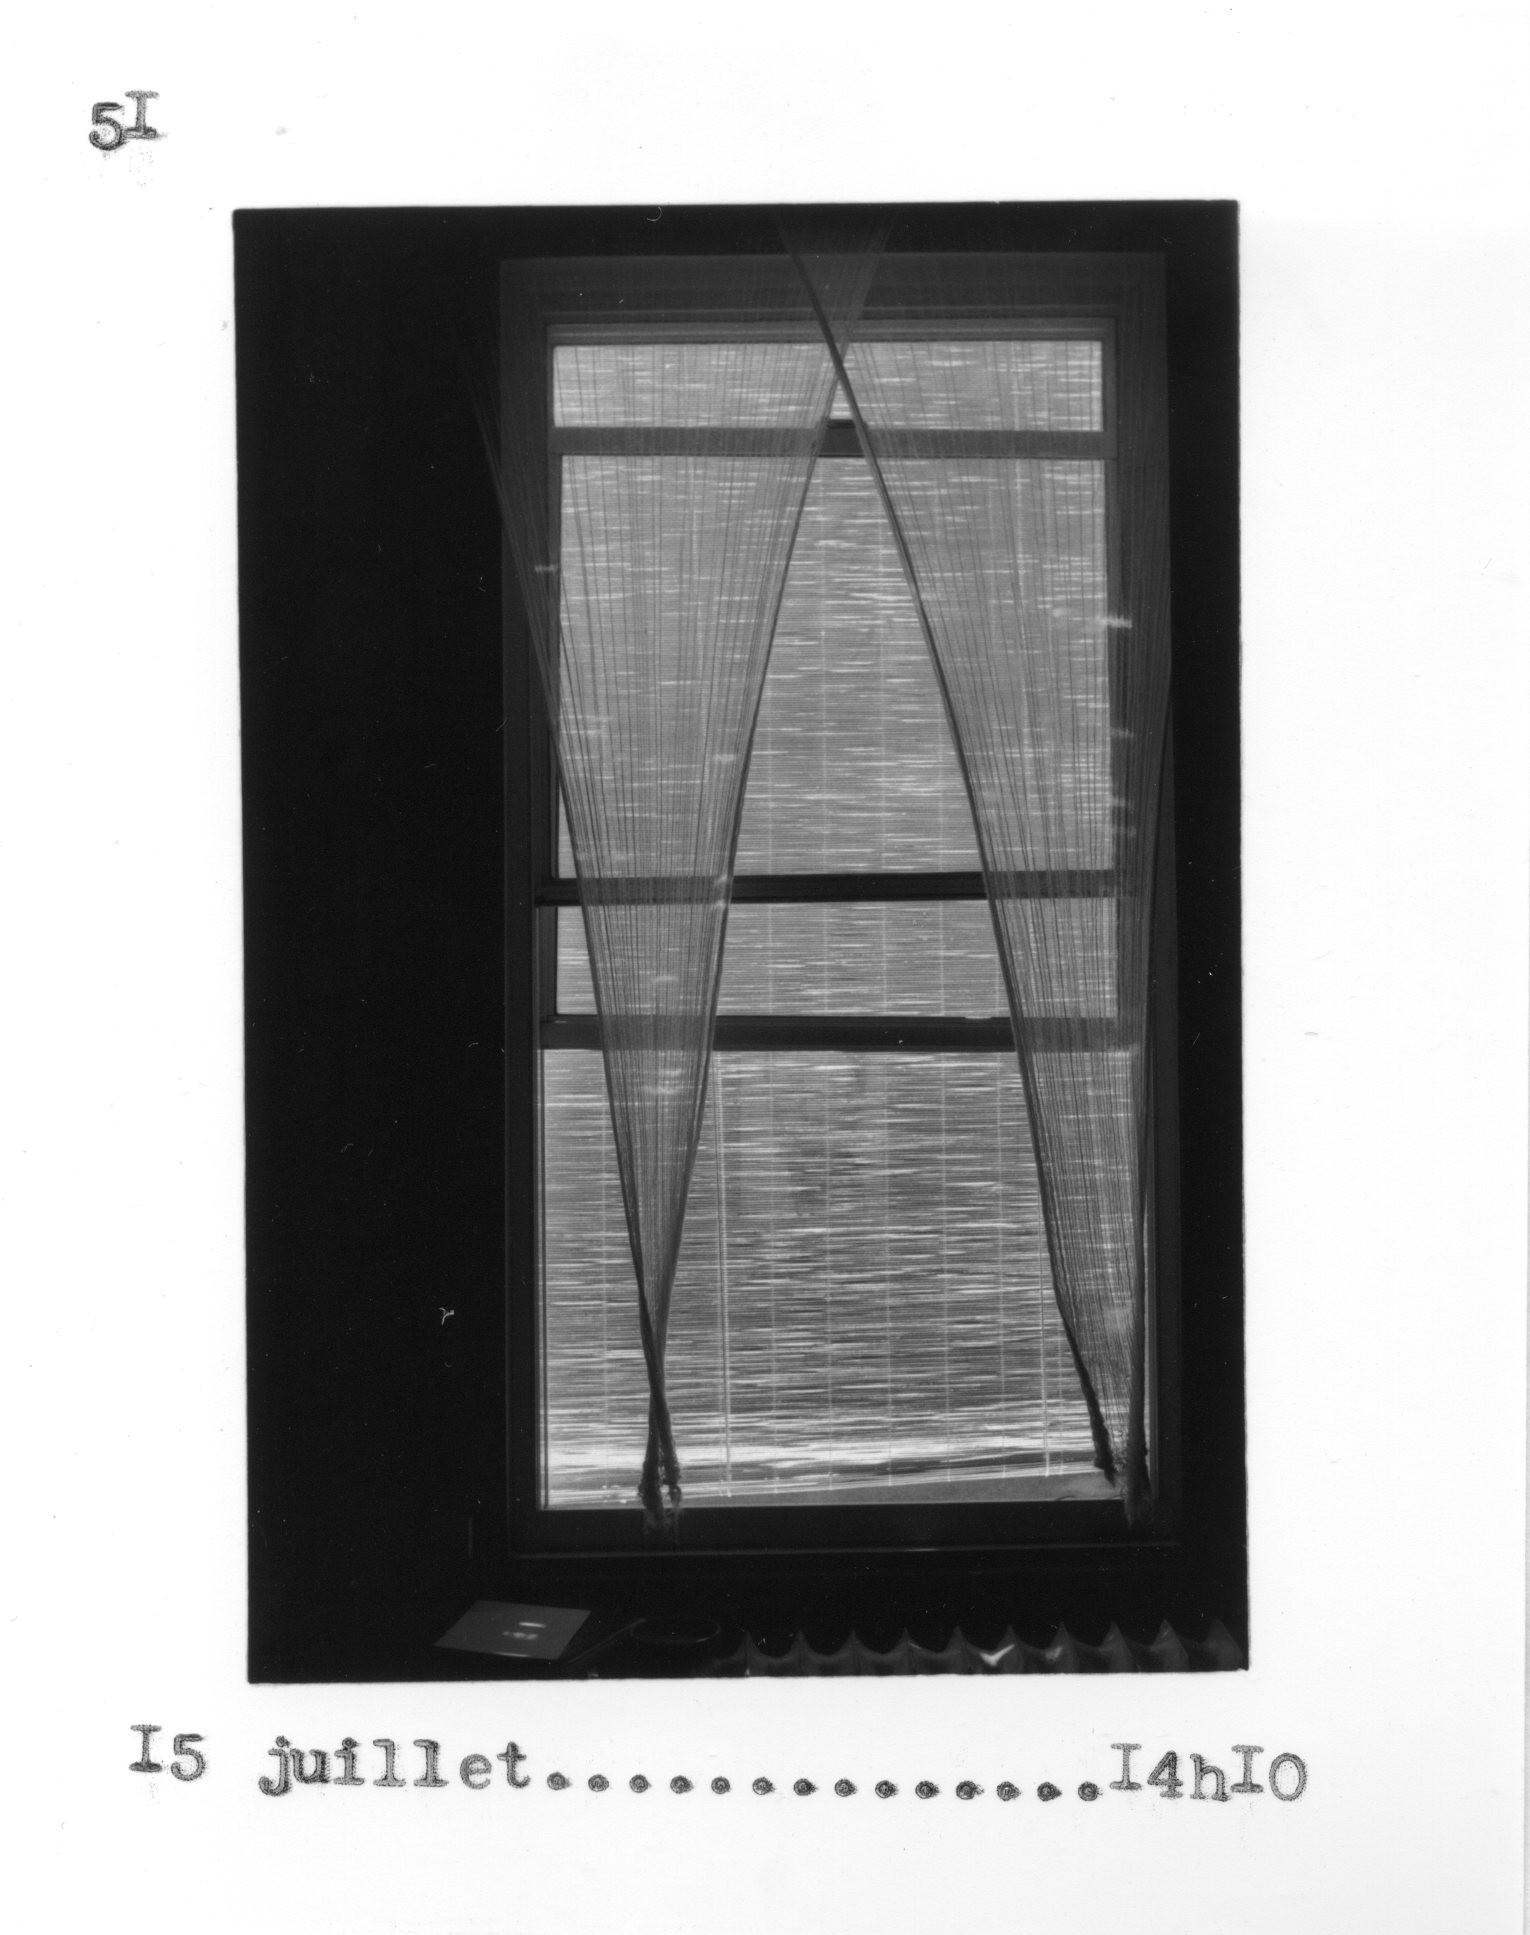 N°51 A WINDOW